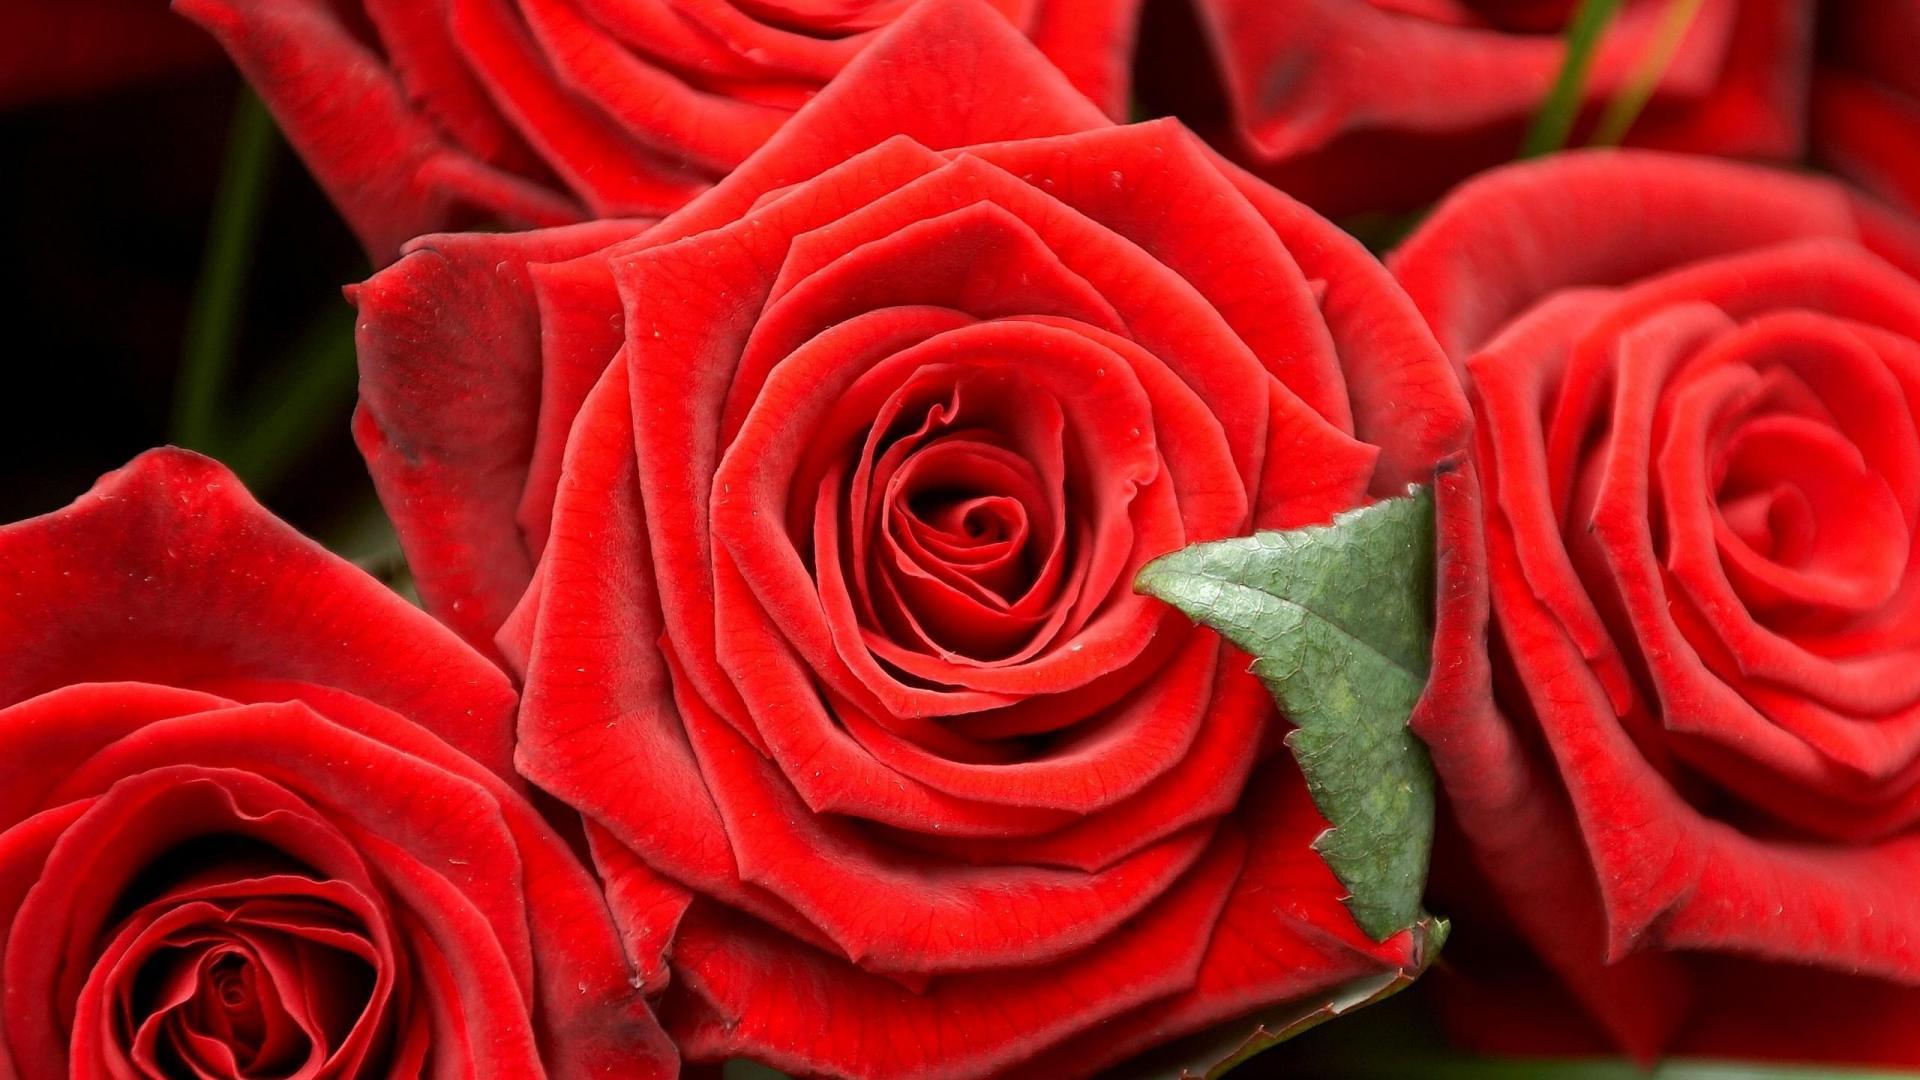 Картинки роз на рабочий стол красивые, живая